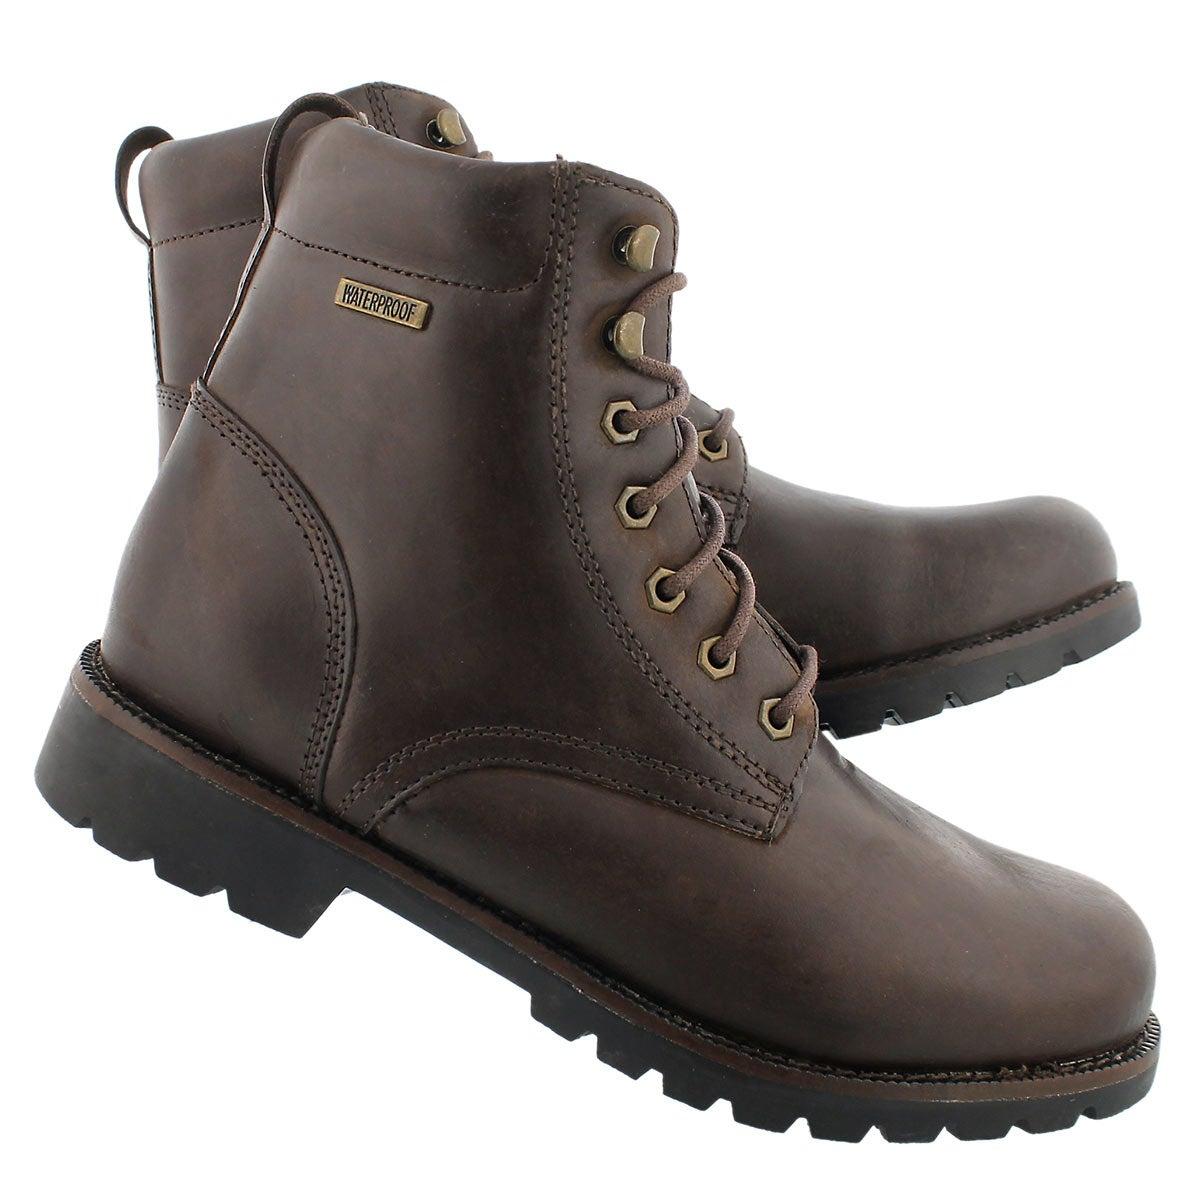 Mns Maddux brn wtpf lace-up winter boot